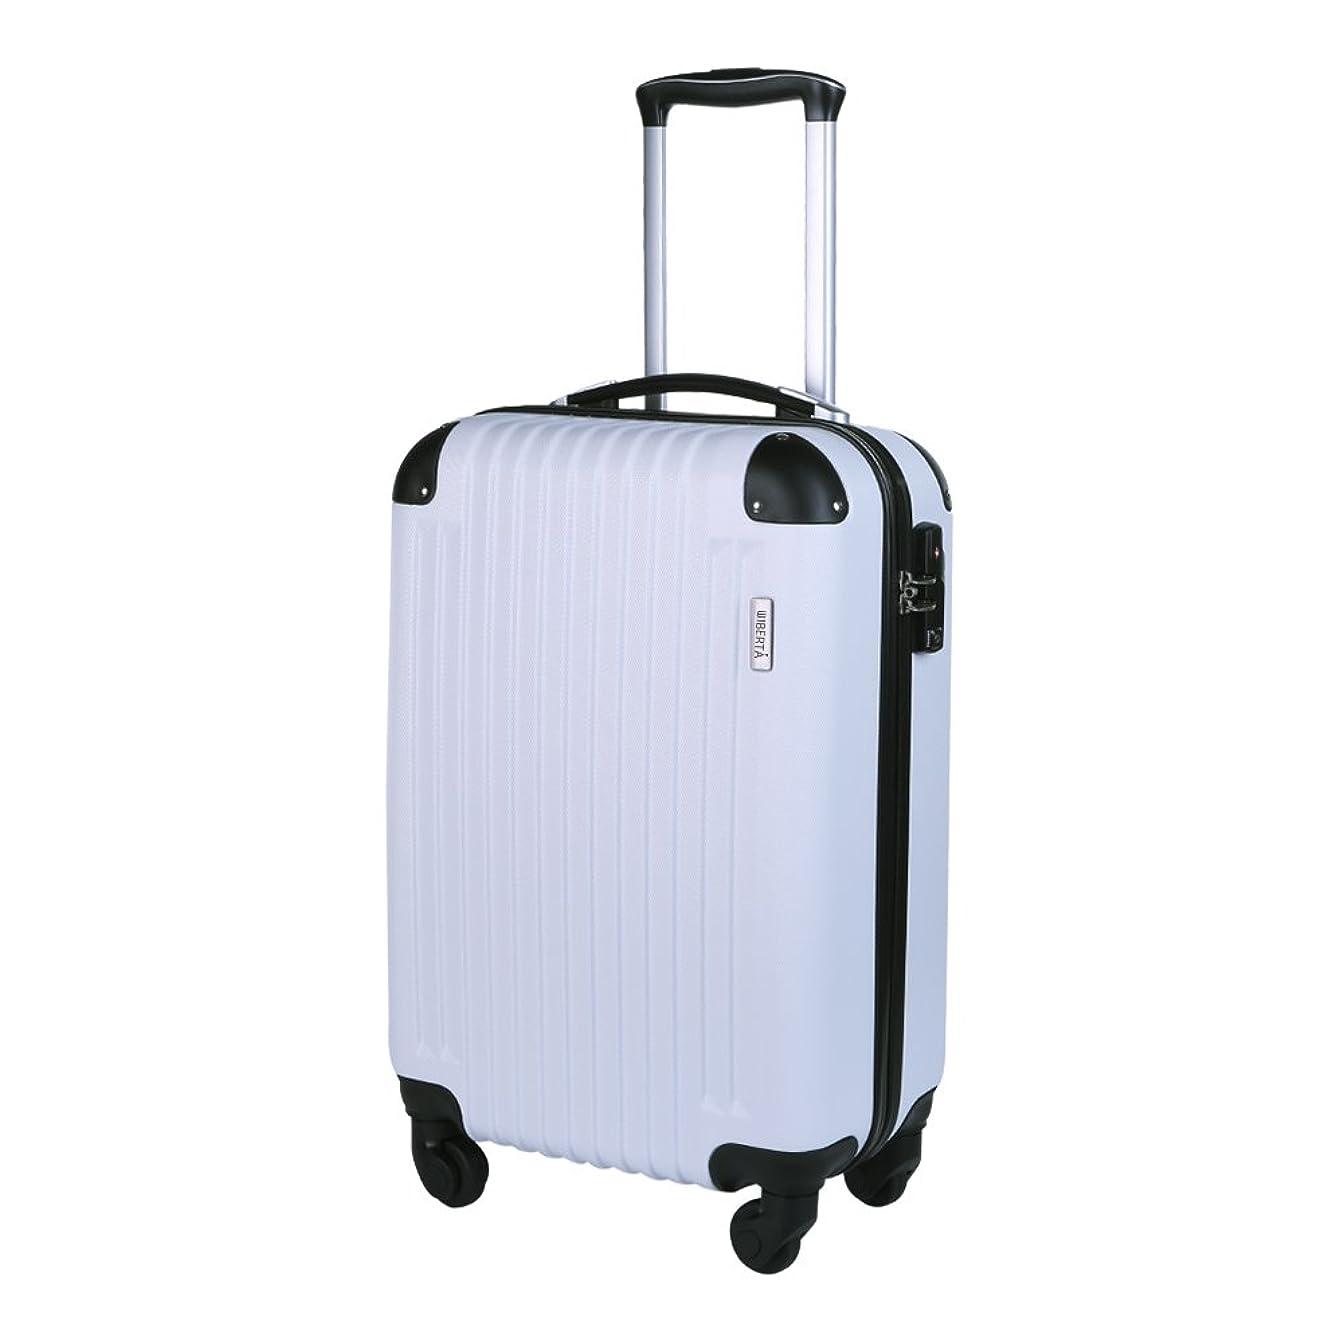 追い越す闇抗生物質(ウィベルタ) スーツケース キャリーバッグ キャリーケース 大型 軽量モデル ABS TSAロック搭載 無料預入受託サイズ